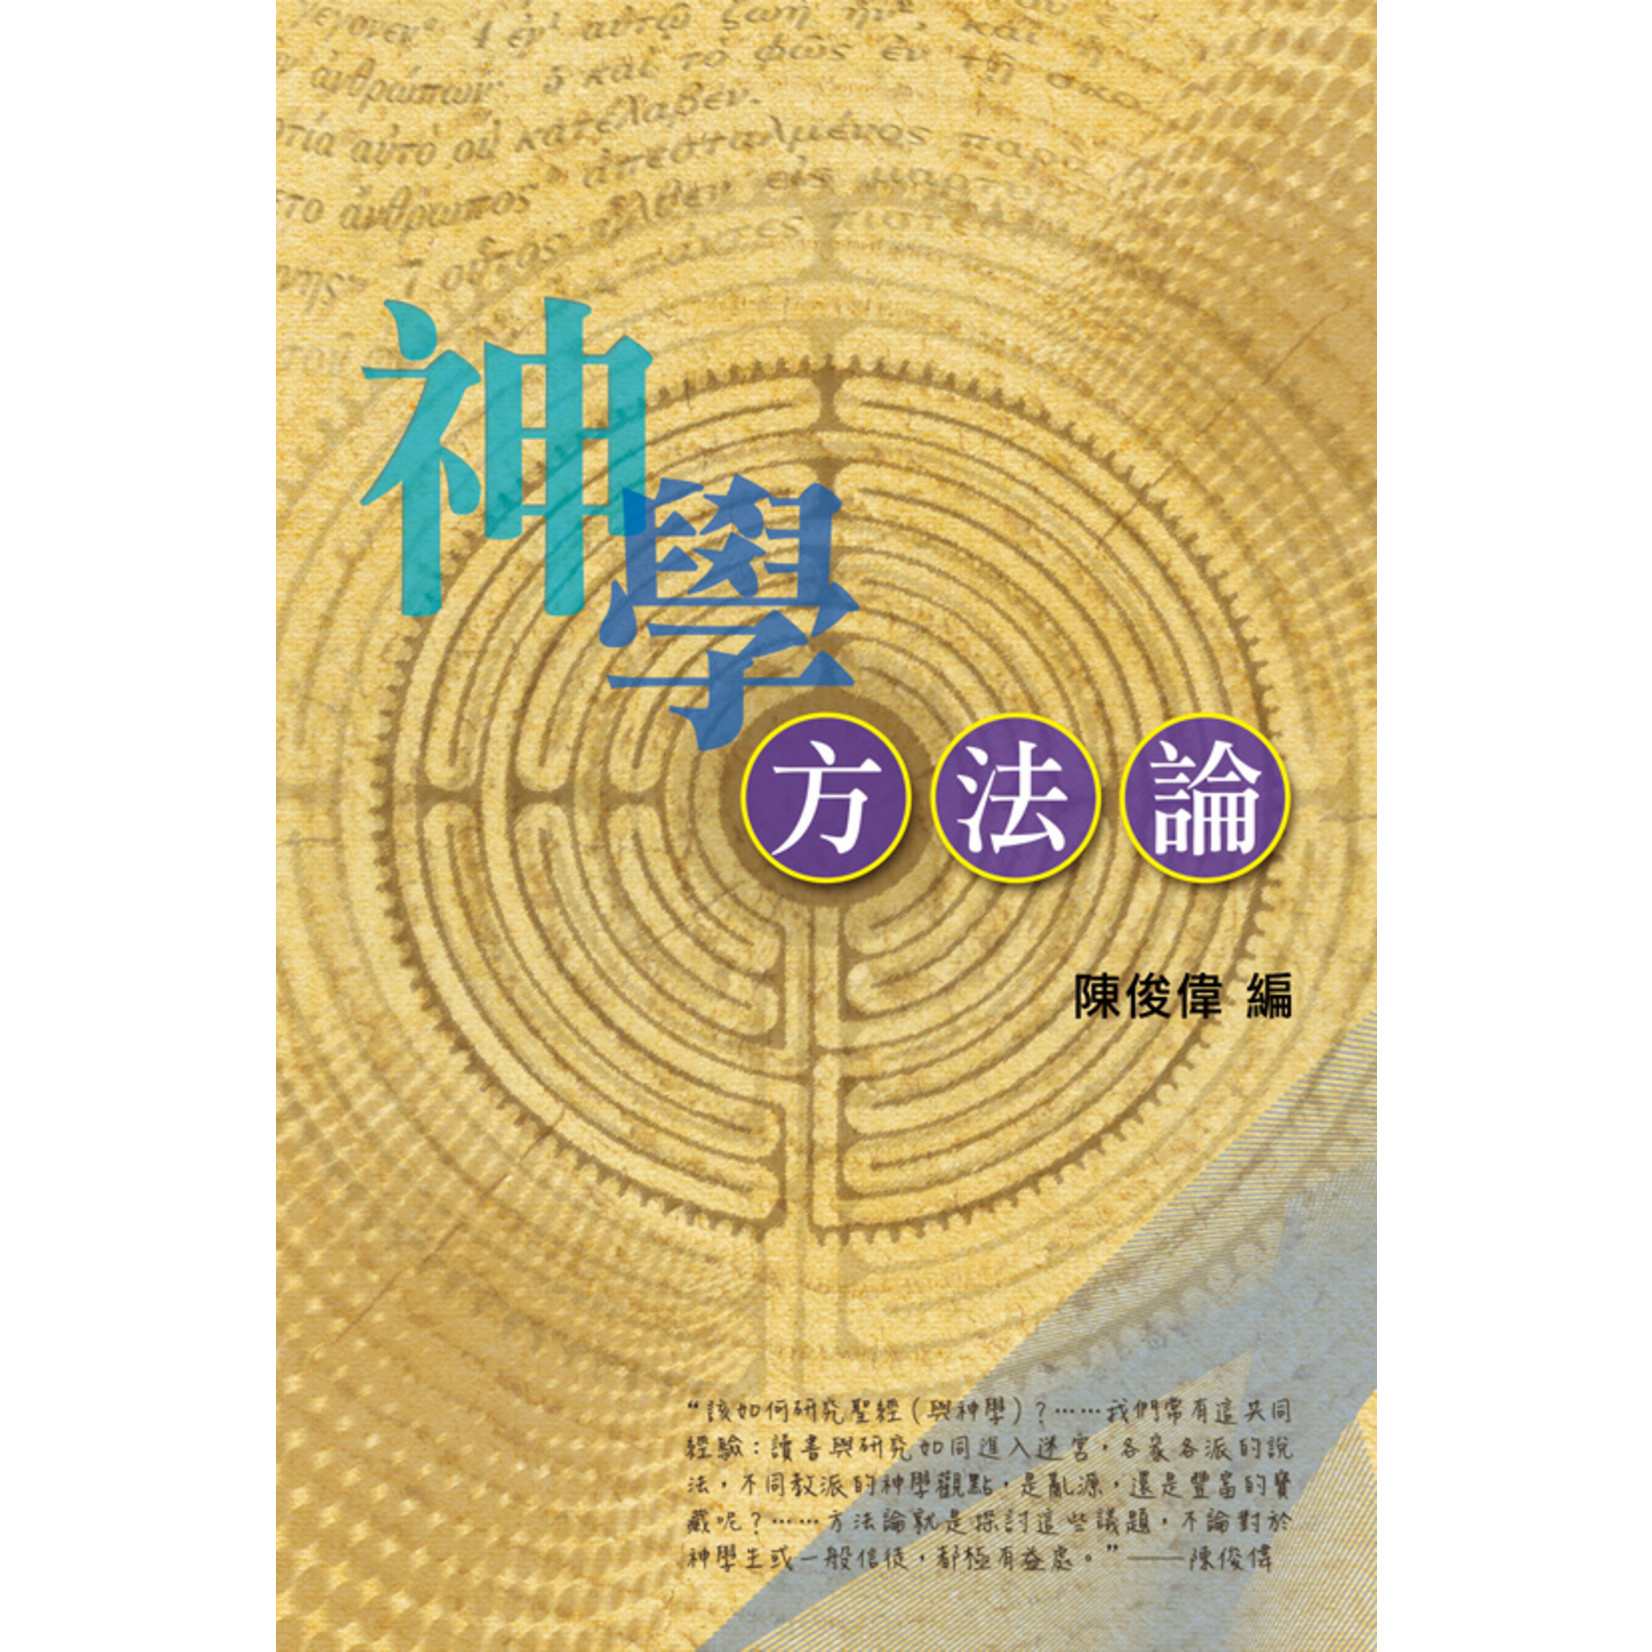 天道書樓 Tien Dao Publishing House 神學方法論 Methodologies of Theological Studies